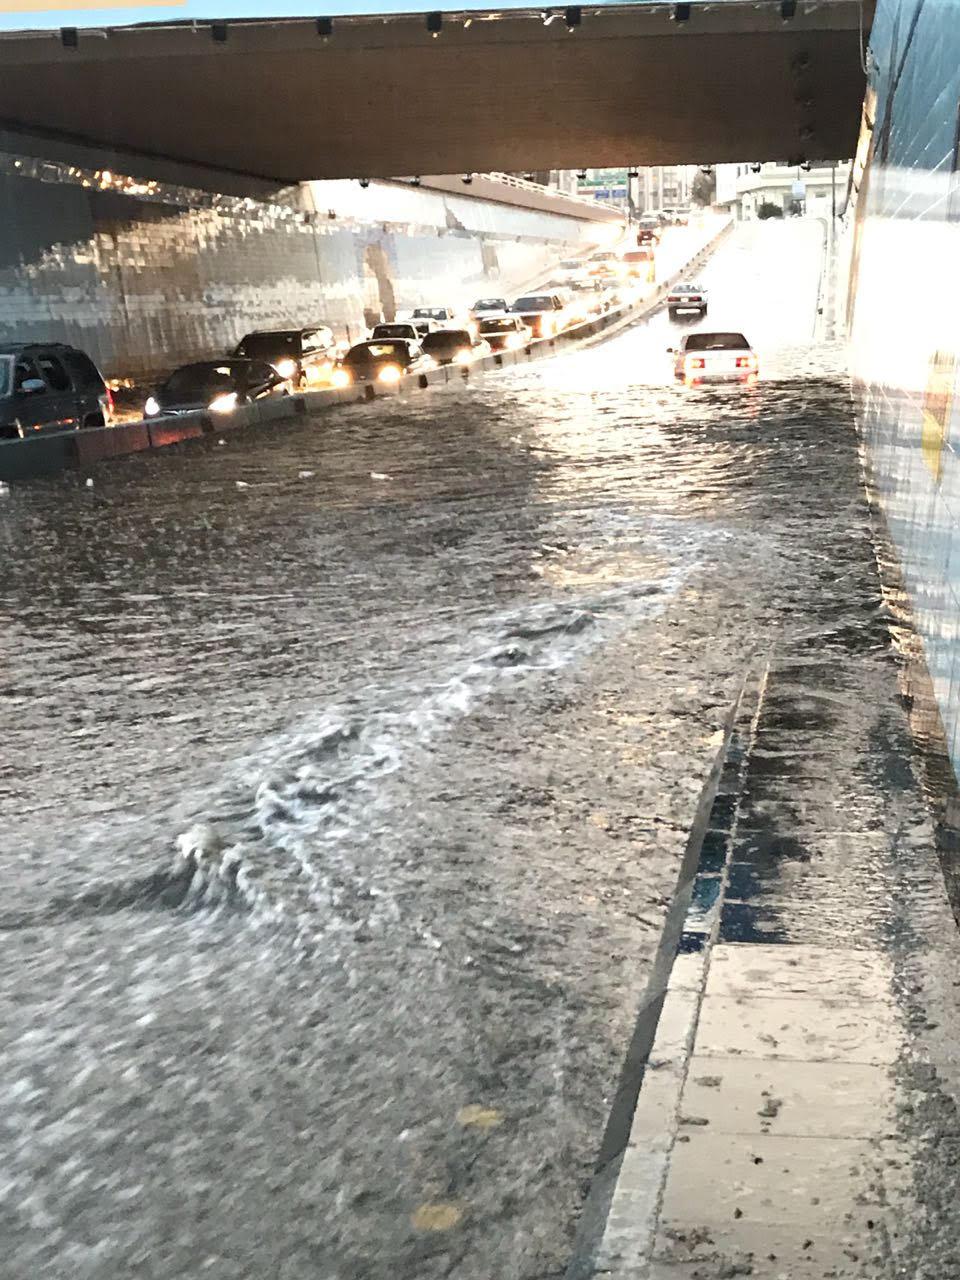 بالصور.. وفاة شخصين غرقا واحتجاز مركبات في أمطار الطائف